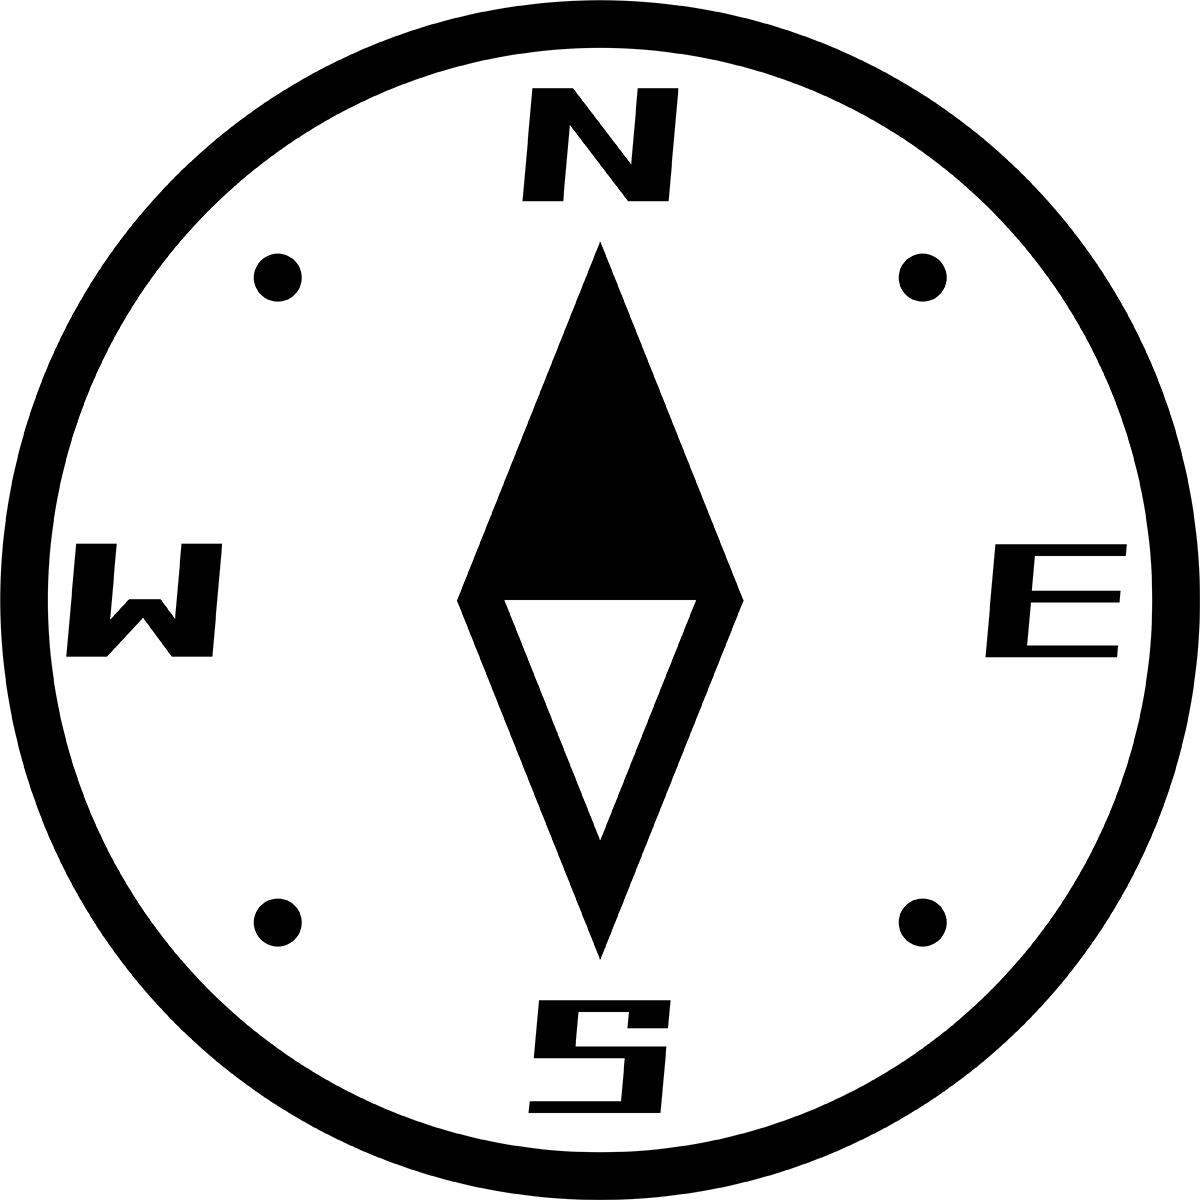 【アイコン】方位磁石(方角)の無料イラスト